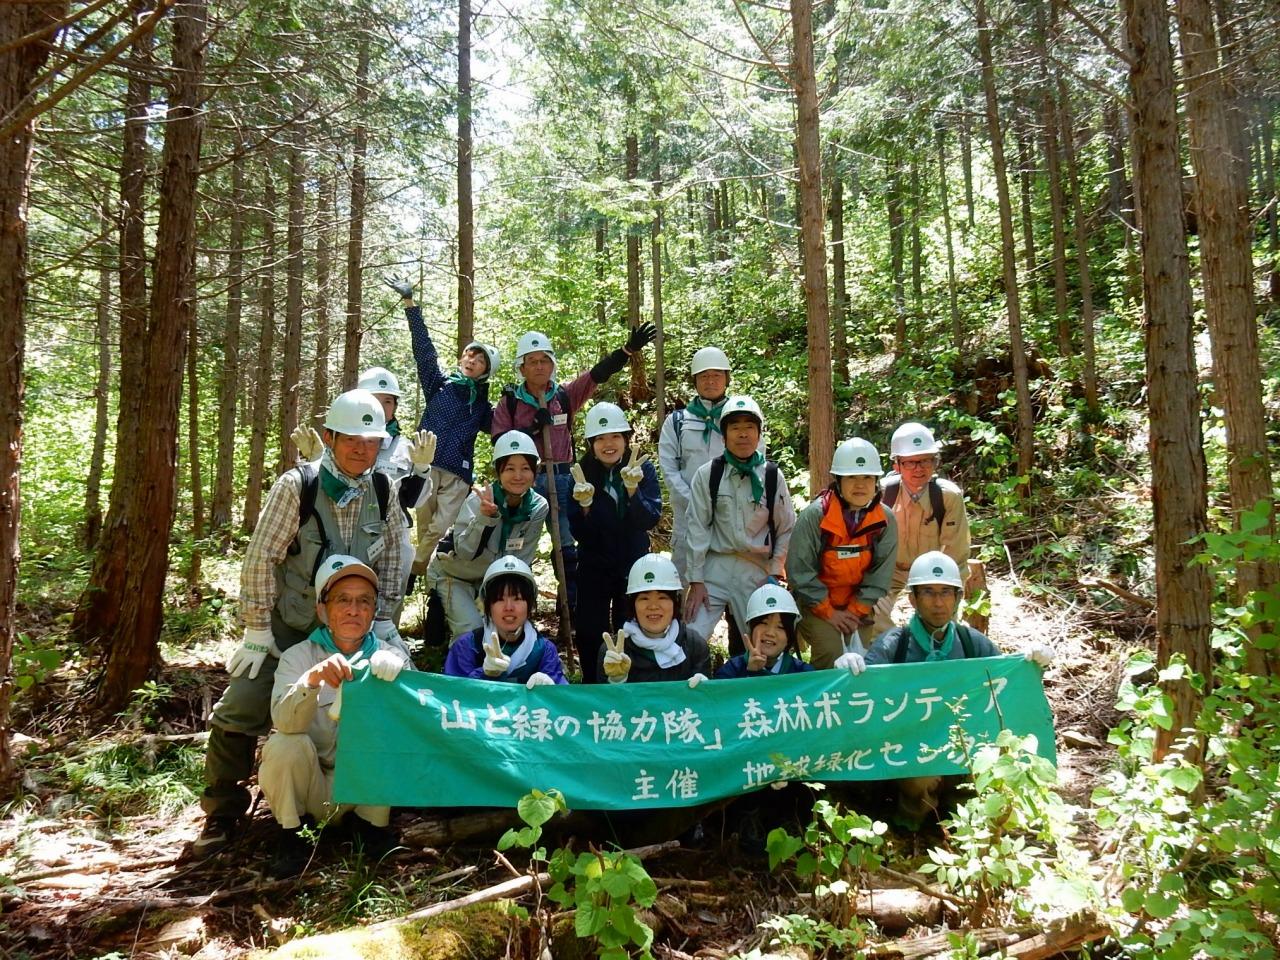 森林ボランティア募集 ■木曾ヒノキを次世代に